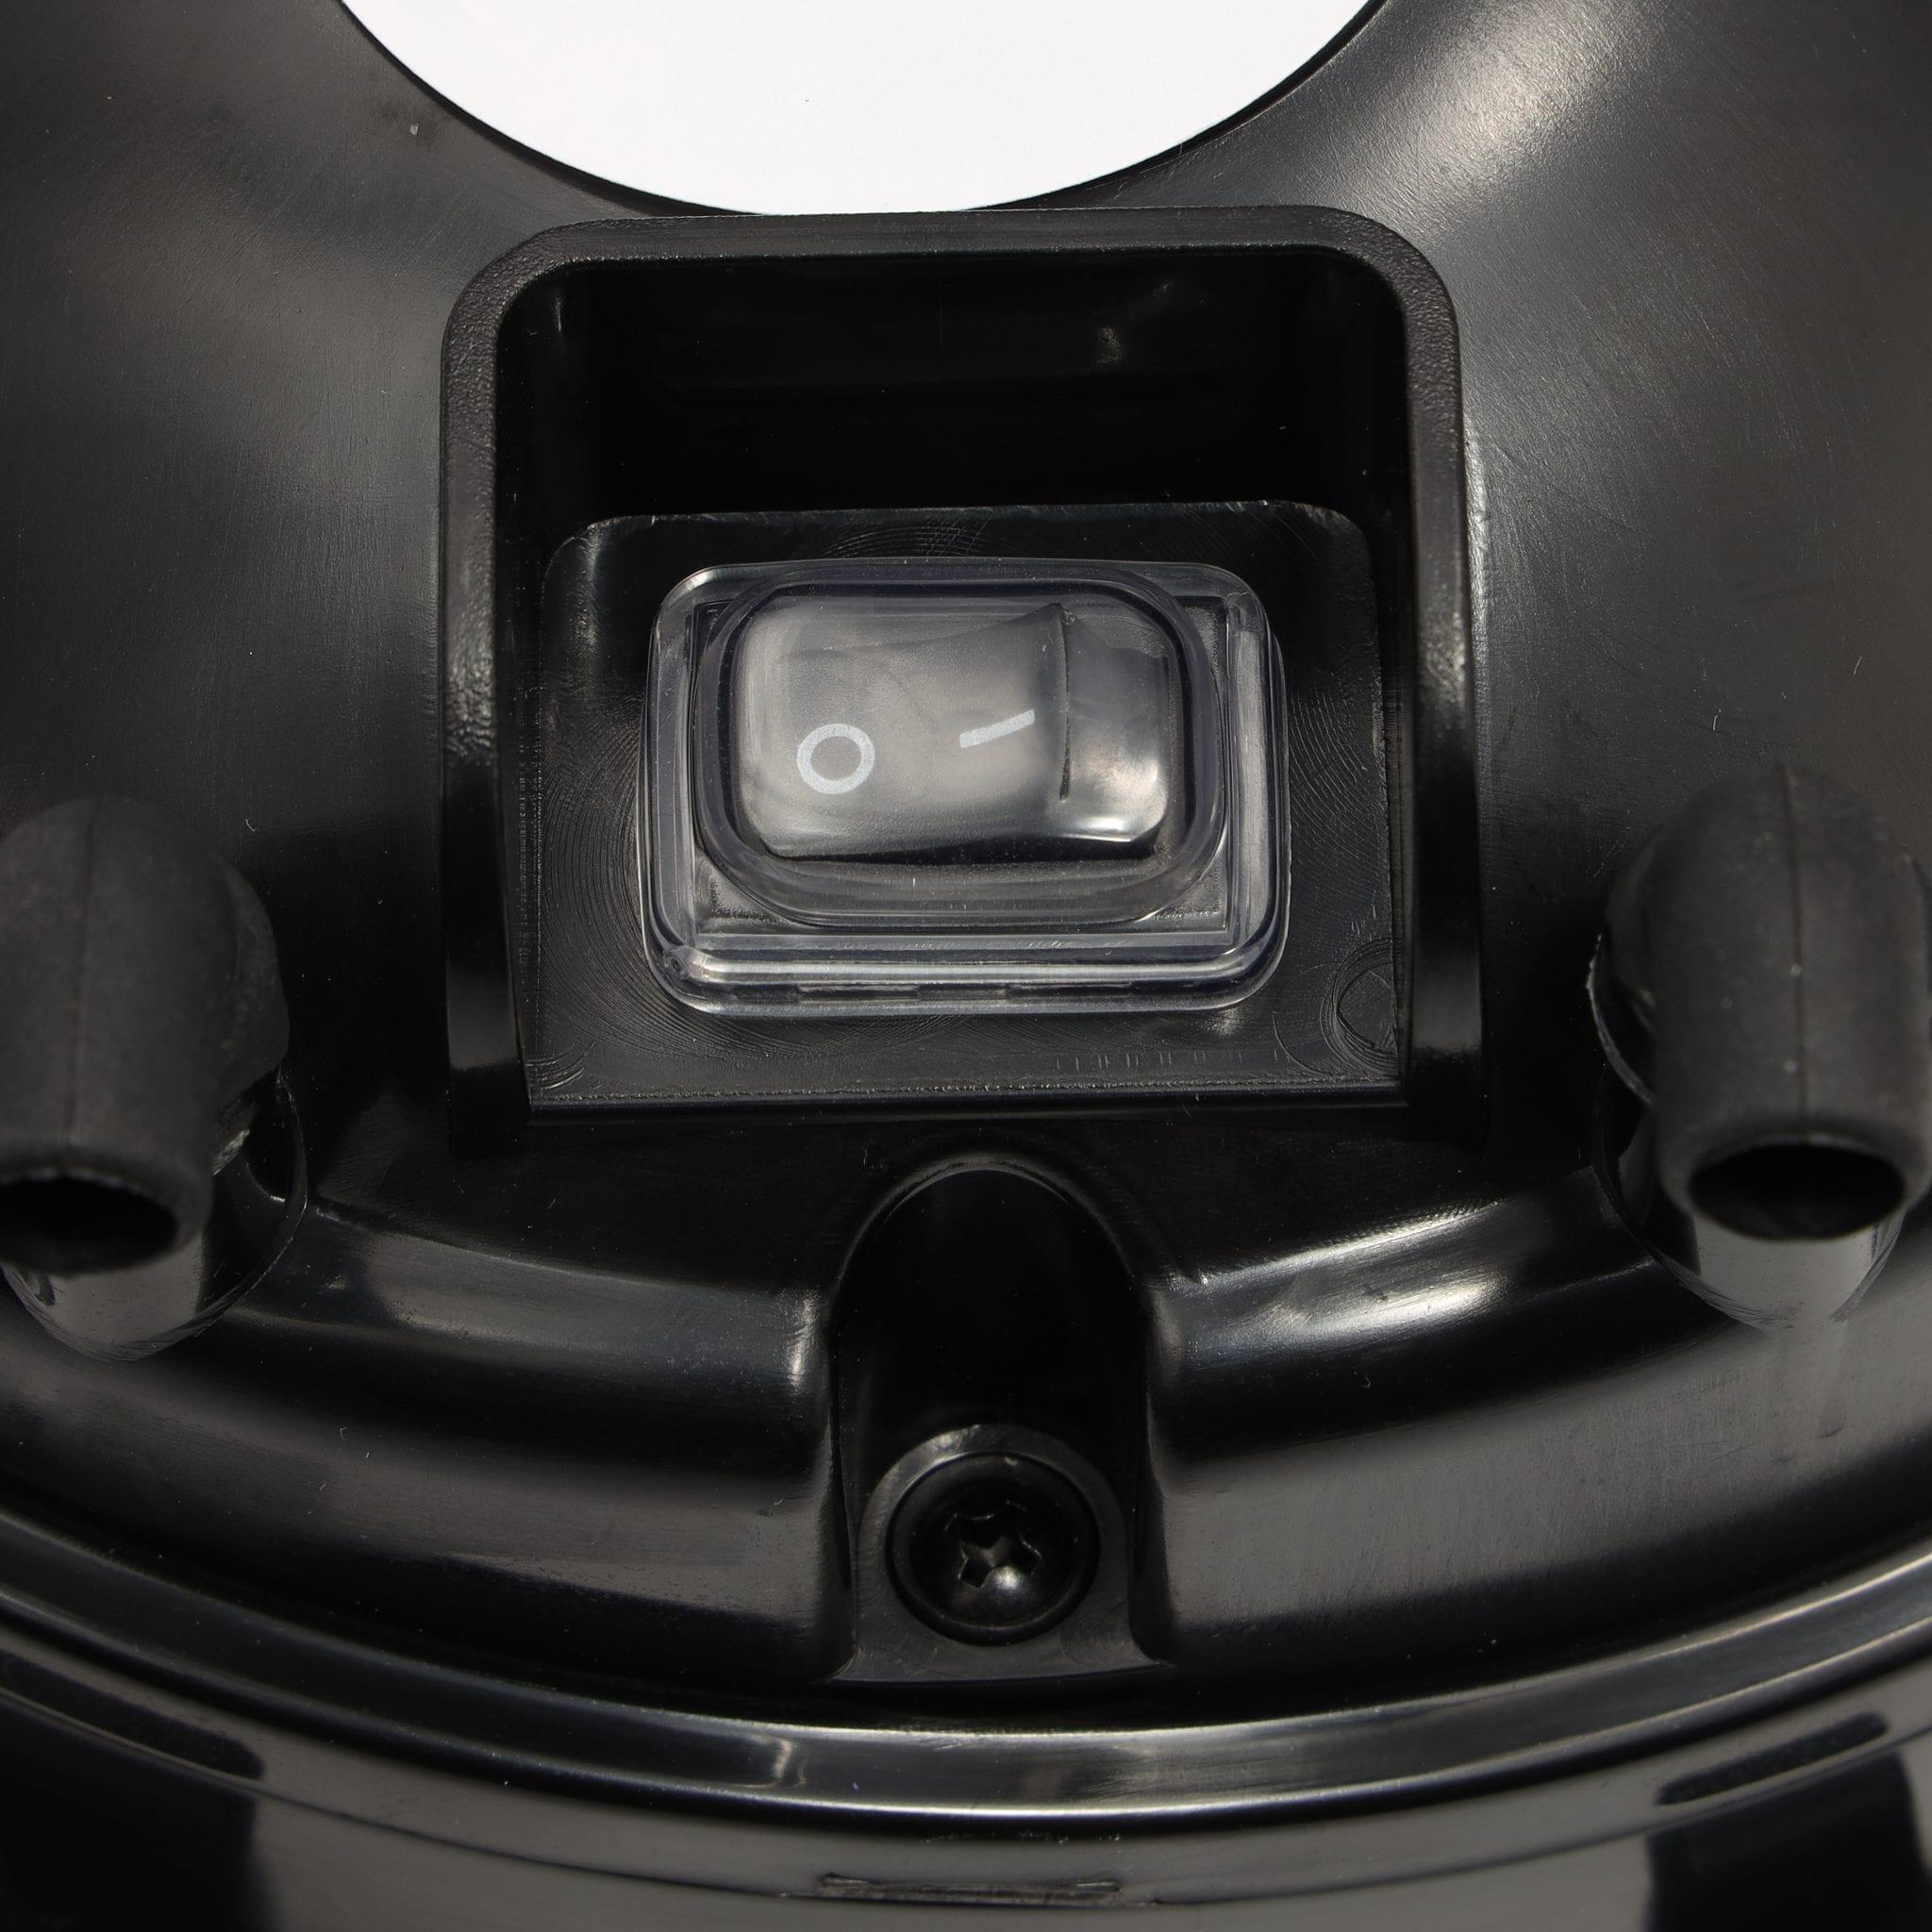 2005 2006 2007 2008 2009 2010 2011 2012 2013 Chevrolet Corvette C6 PRO-Series LED Tail Lights Jet Black